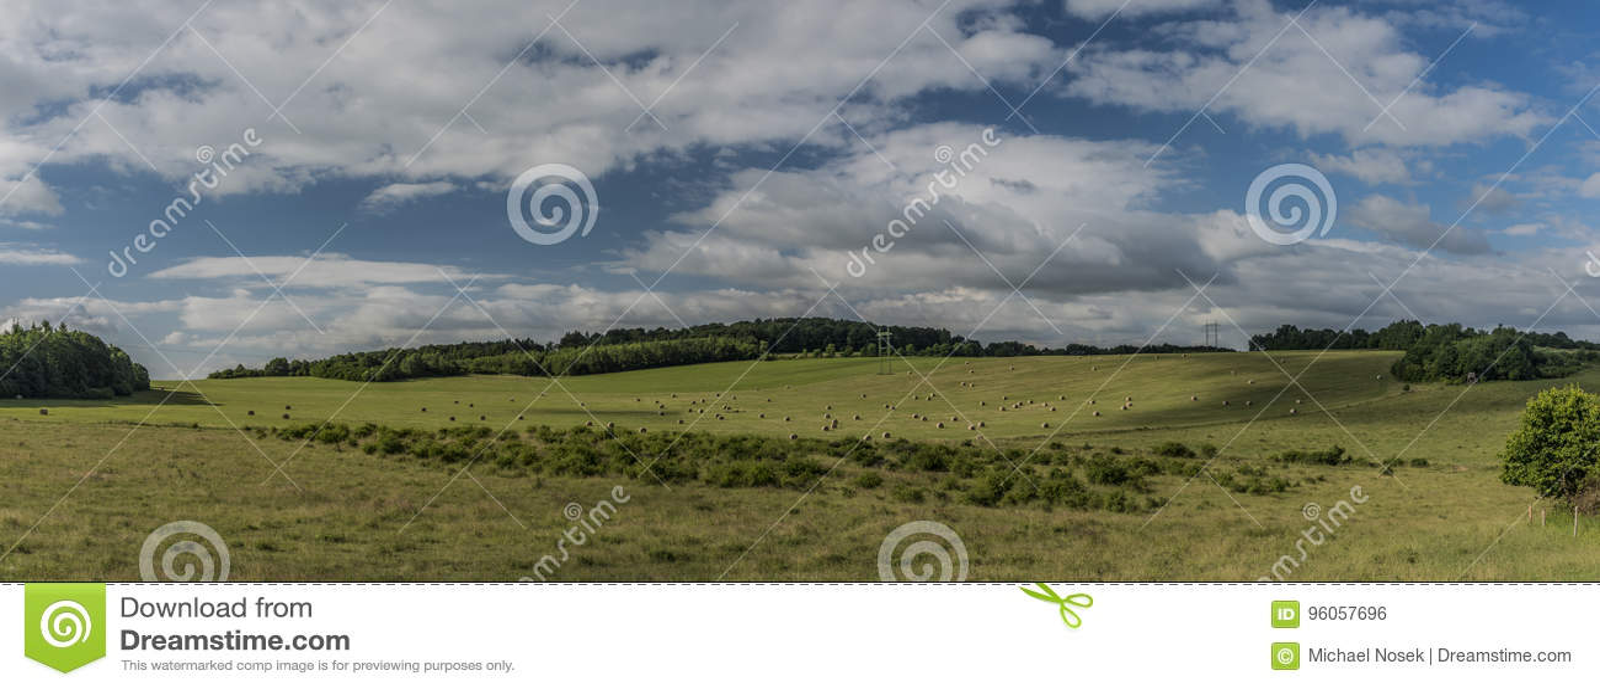 Champs avec le foin en montagnes de Ceske Stredohori